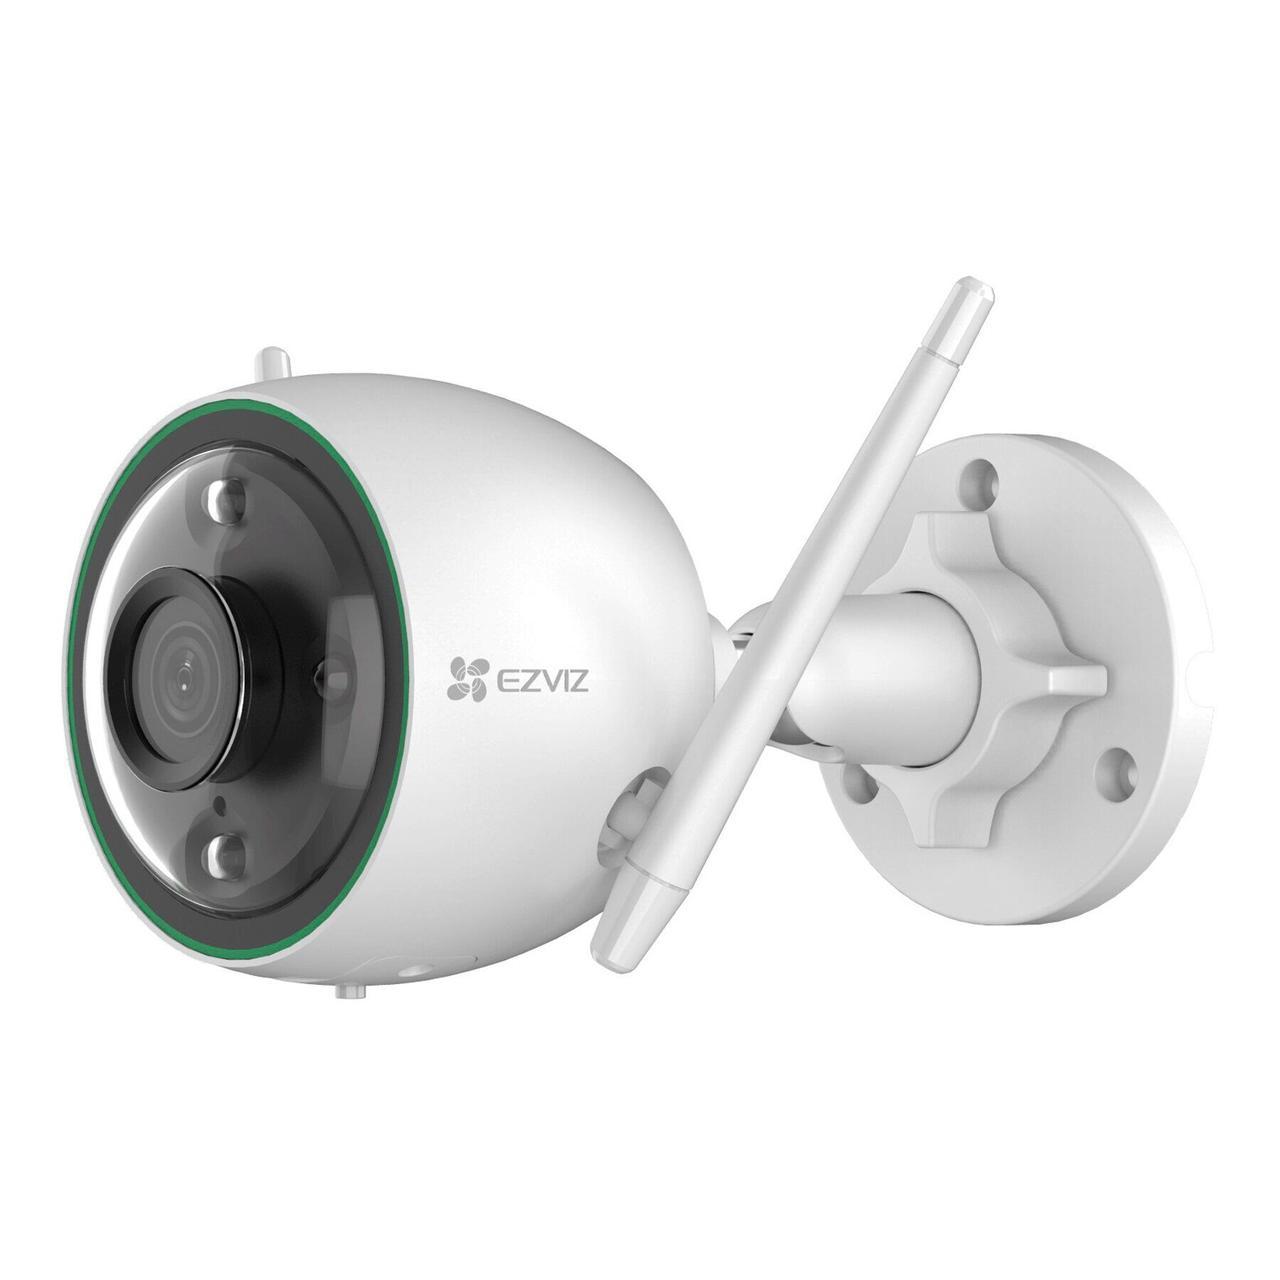 IP-відеокамера з Wi-Fi 2 Мп EZVIZ CS-C3N-A0-3H2WFRL (2.8 мм) для системи відеонагляду